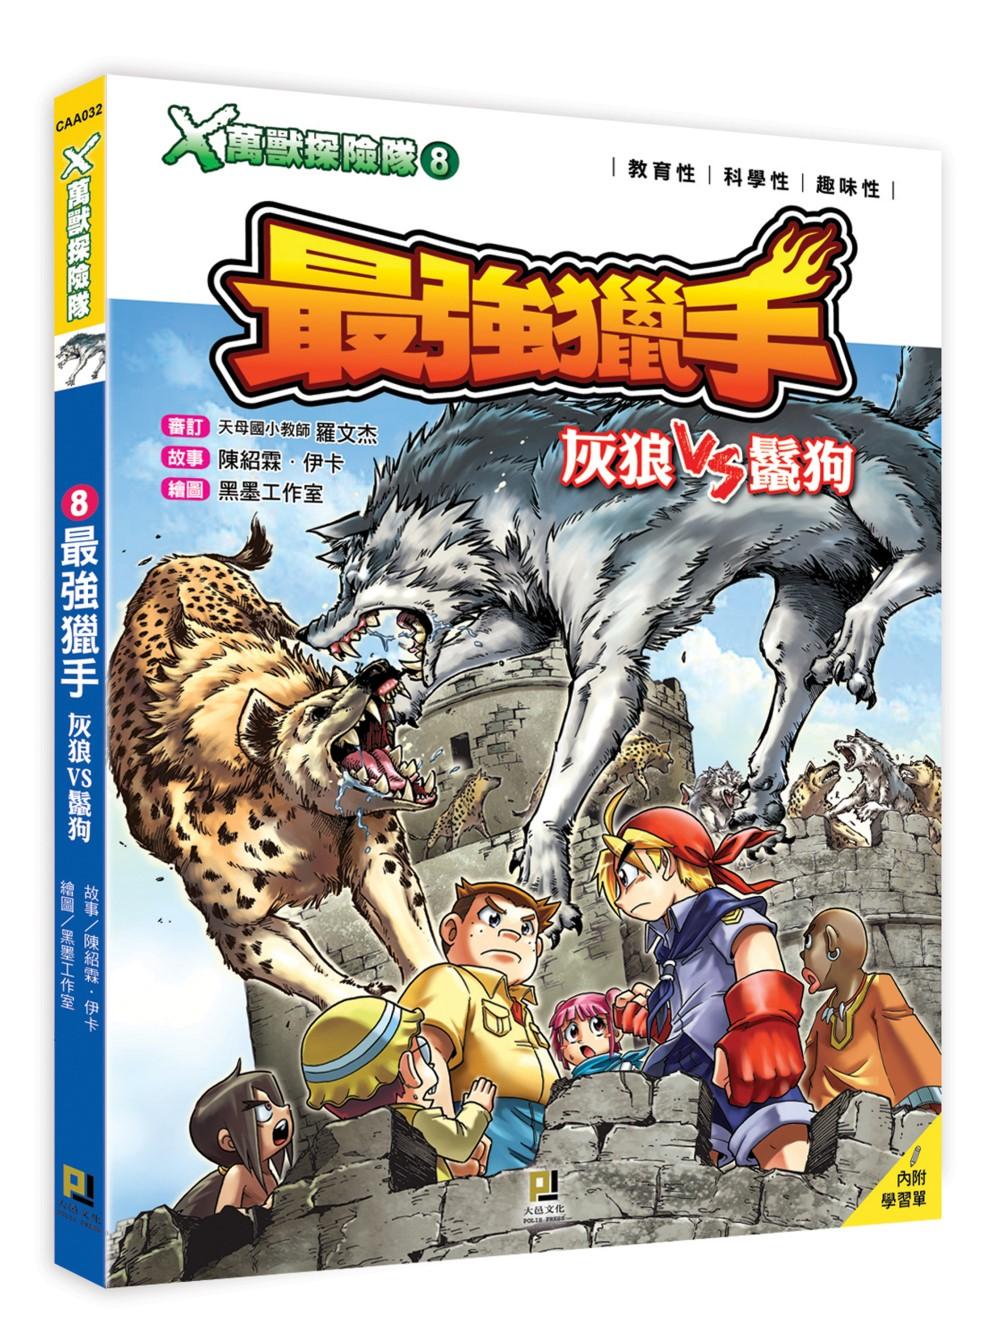 X萬獸探險隊:(8) 最強獵手 灰狼VS鬣狗(附學習單)